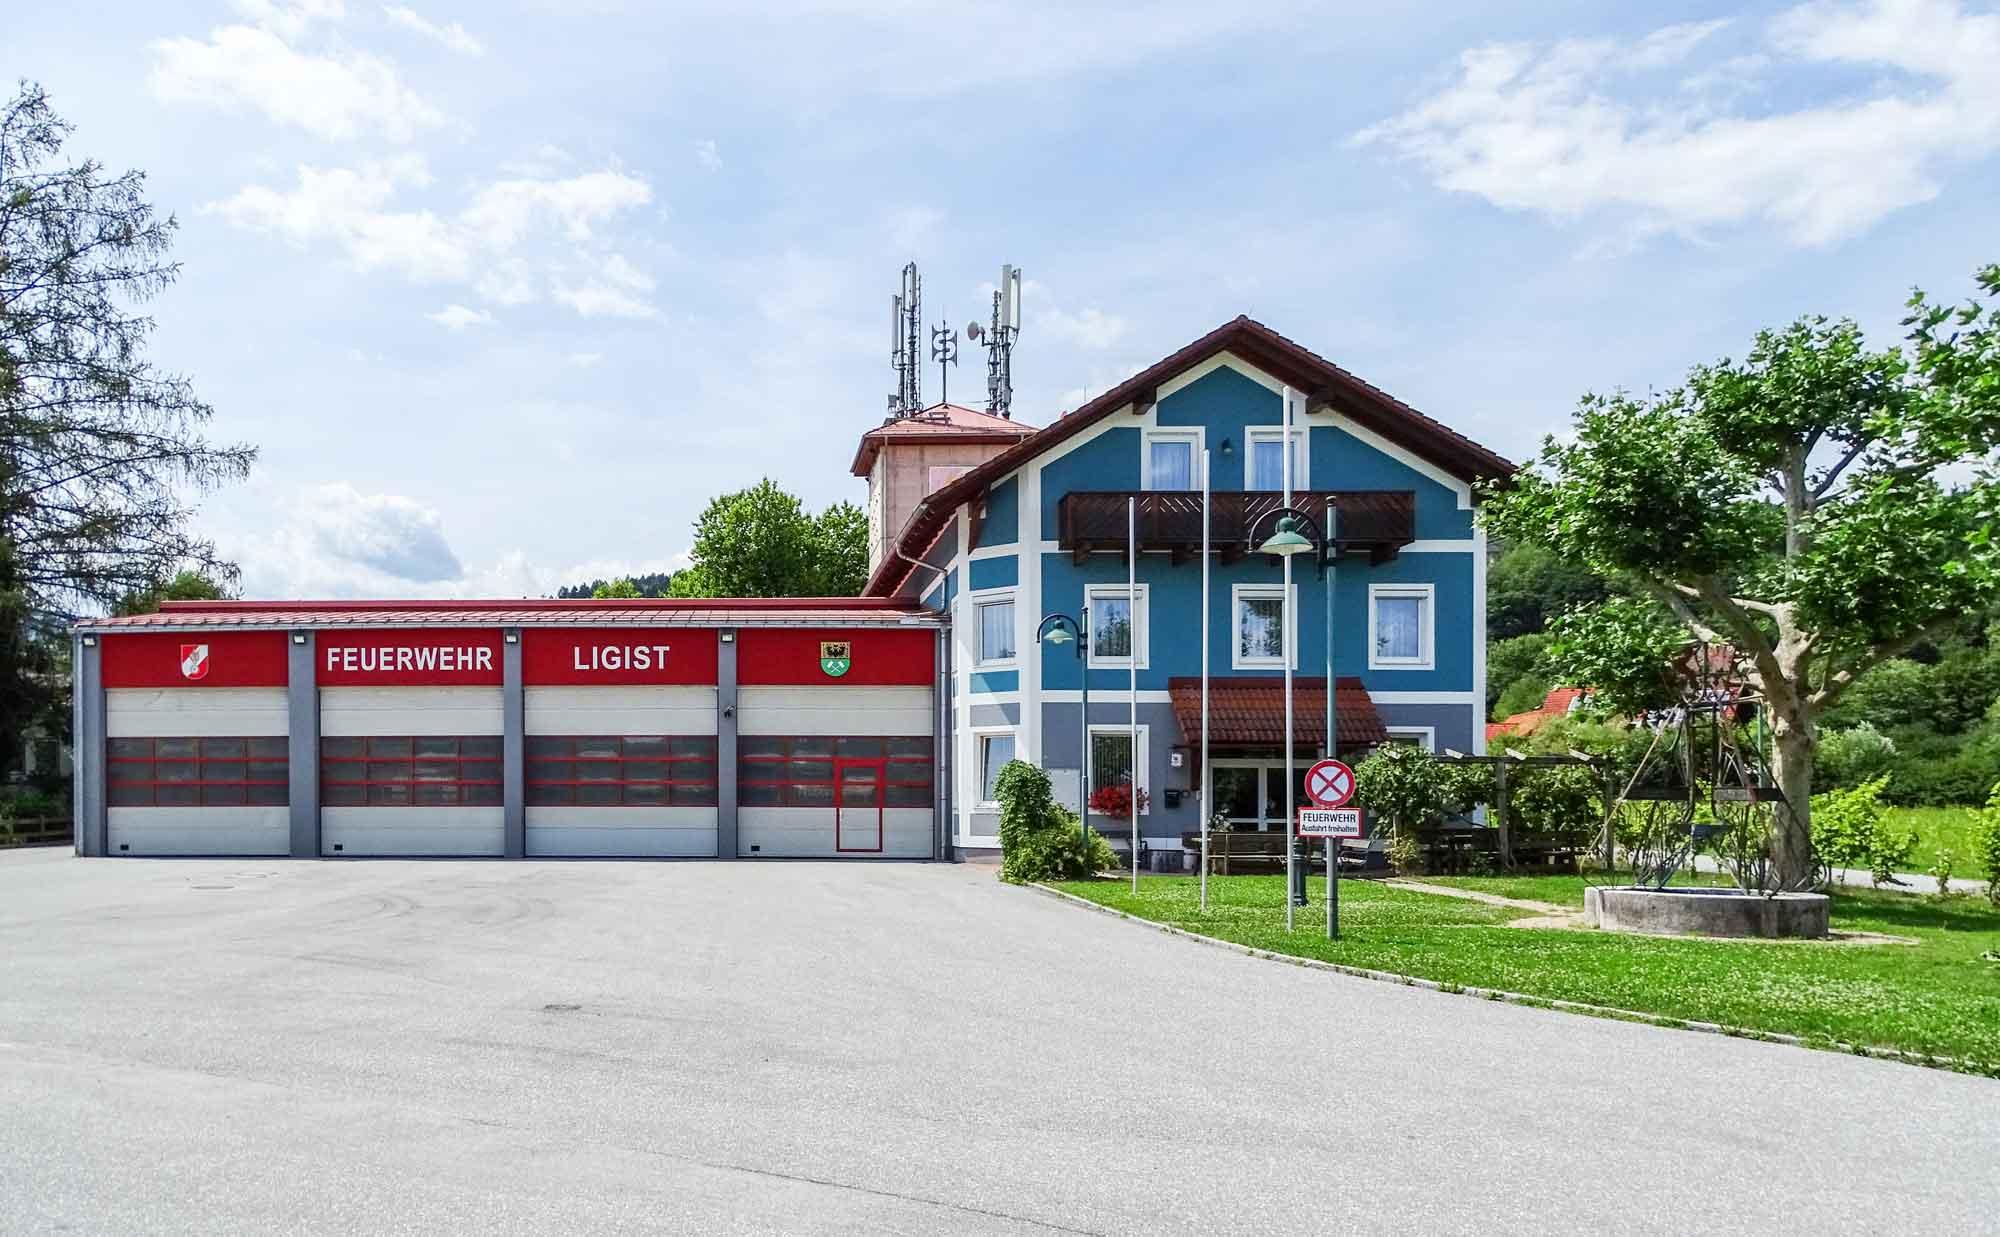 Rüsthaus der Feuerwehr Markt Ligist